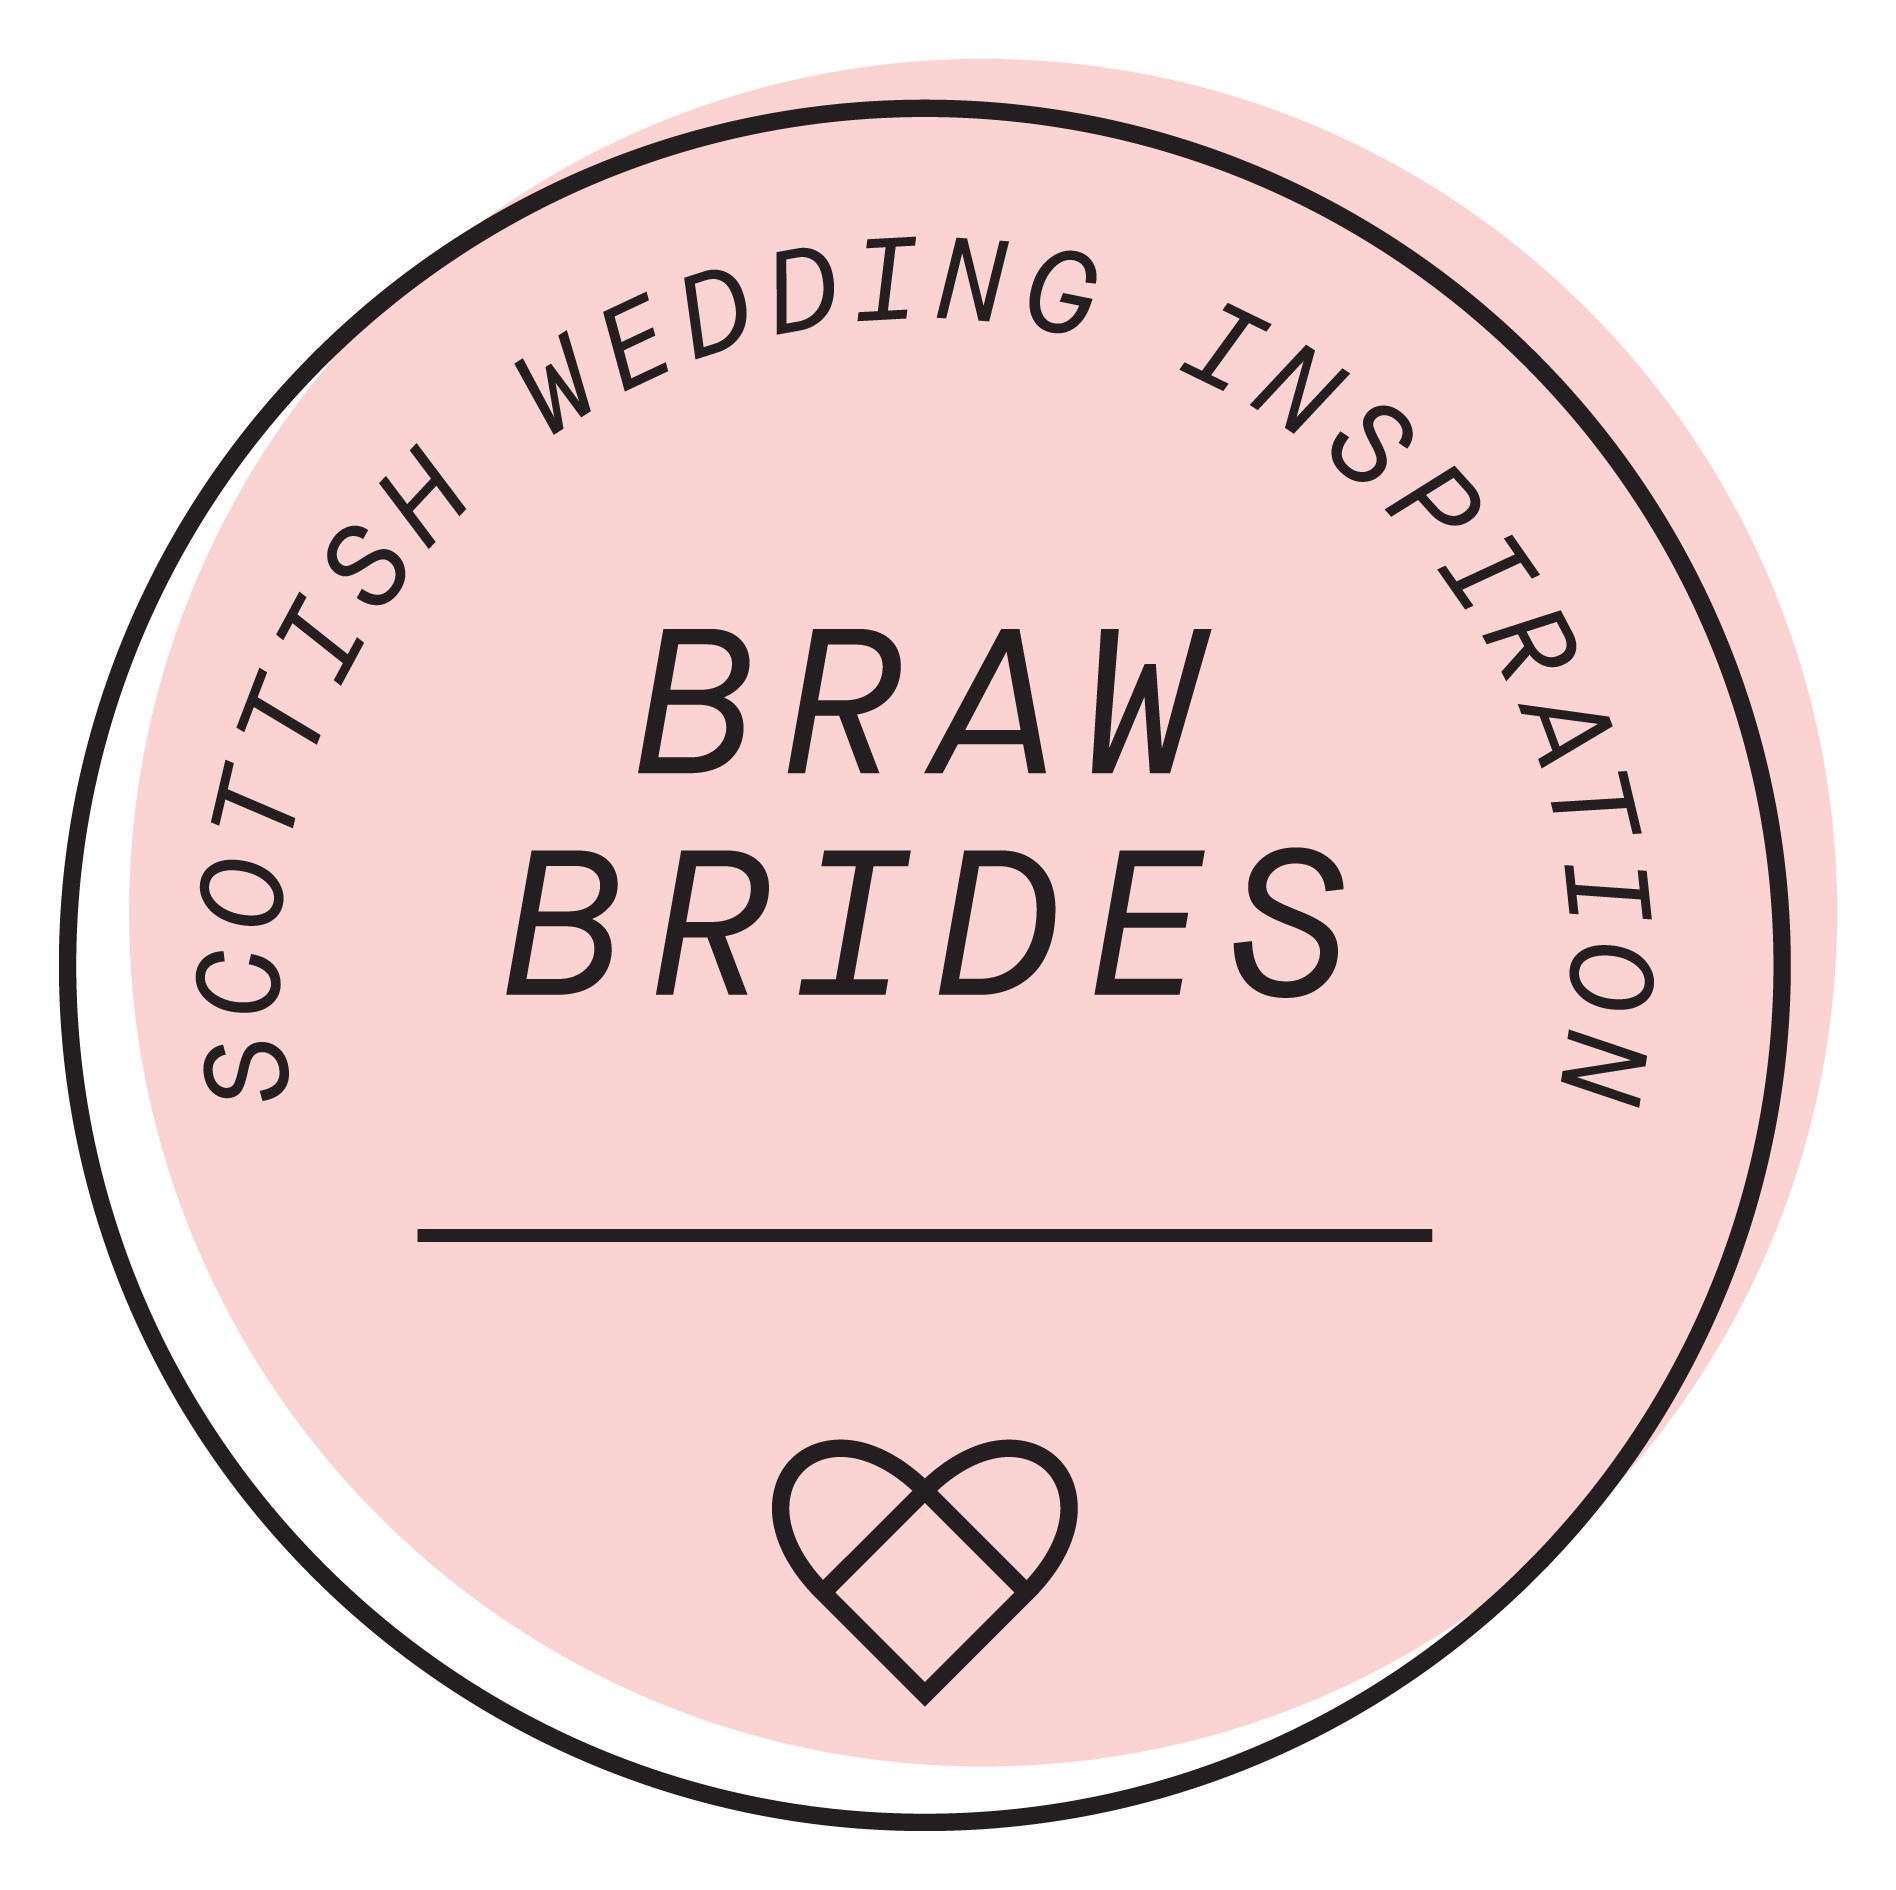 BrawBrides-Badge-Pink-V1.png